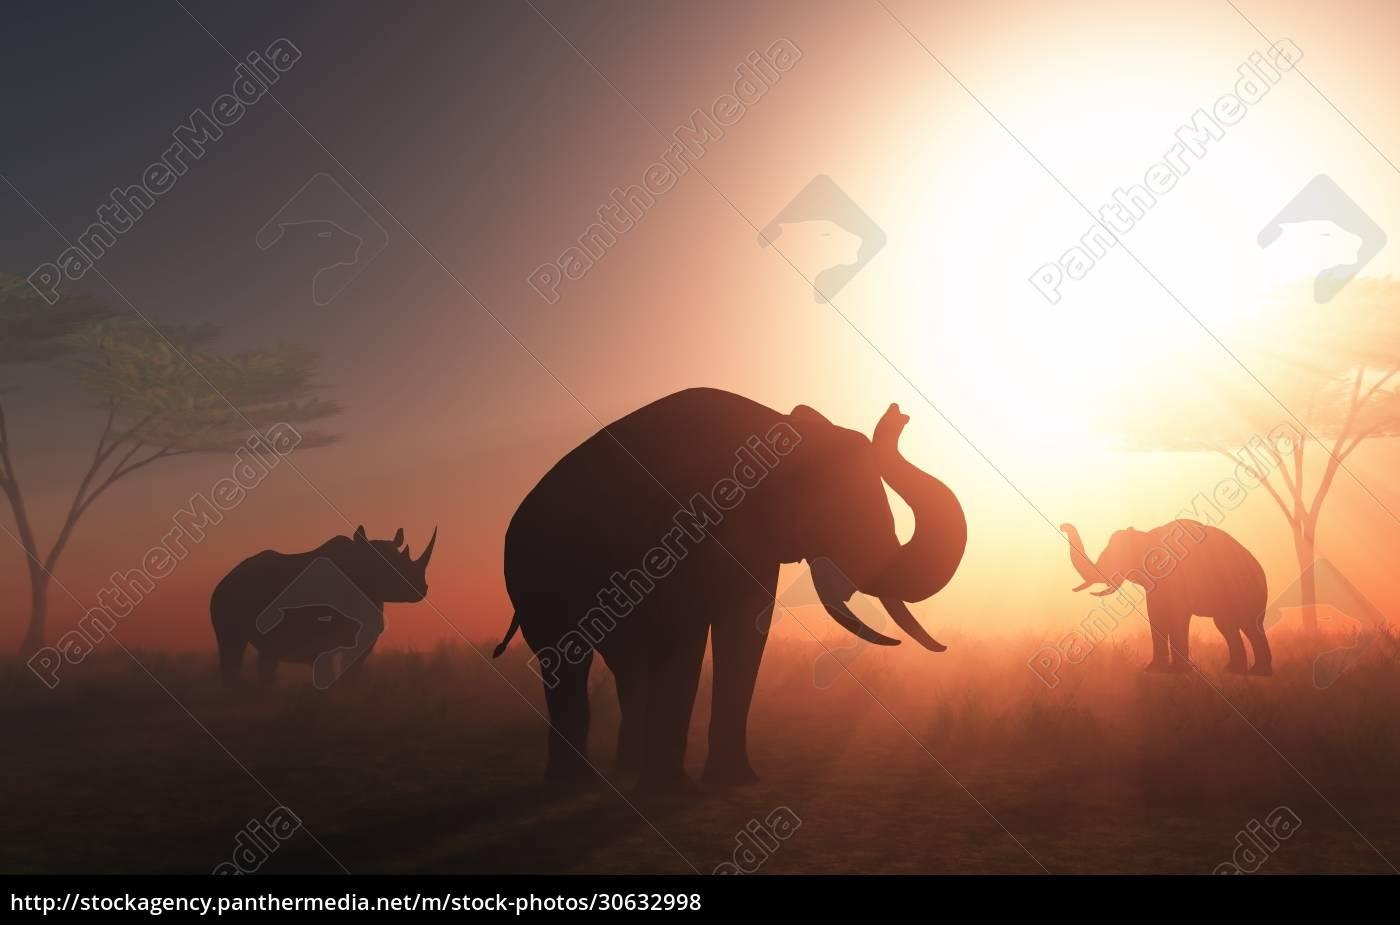 3d, wild, animals, at, sunset - 30632998